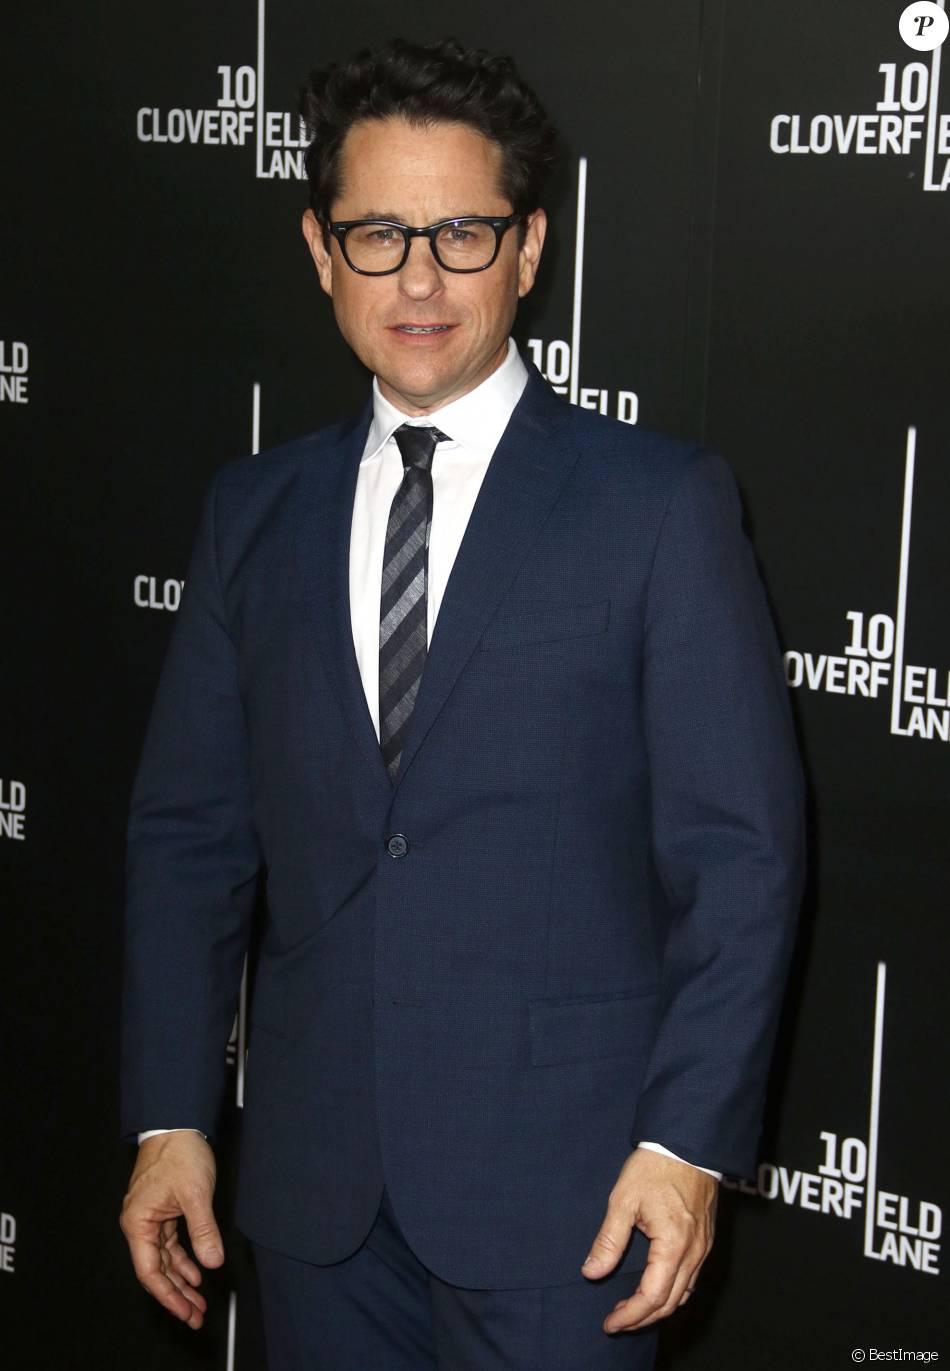 J.J. Abrams à la première de '10 Cloverfield Lane' à AMC Loews Lincoln Square à New York, le 8 mars 2016